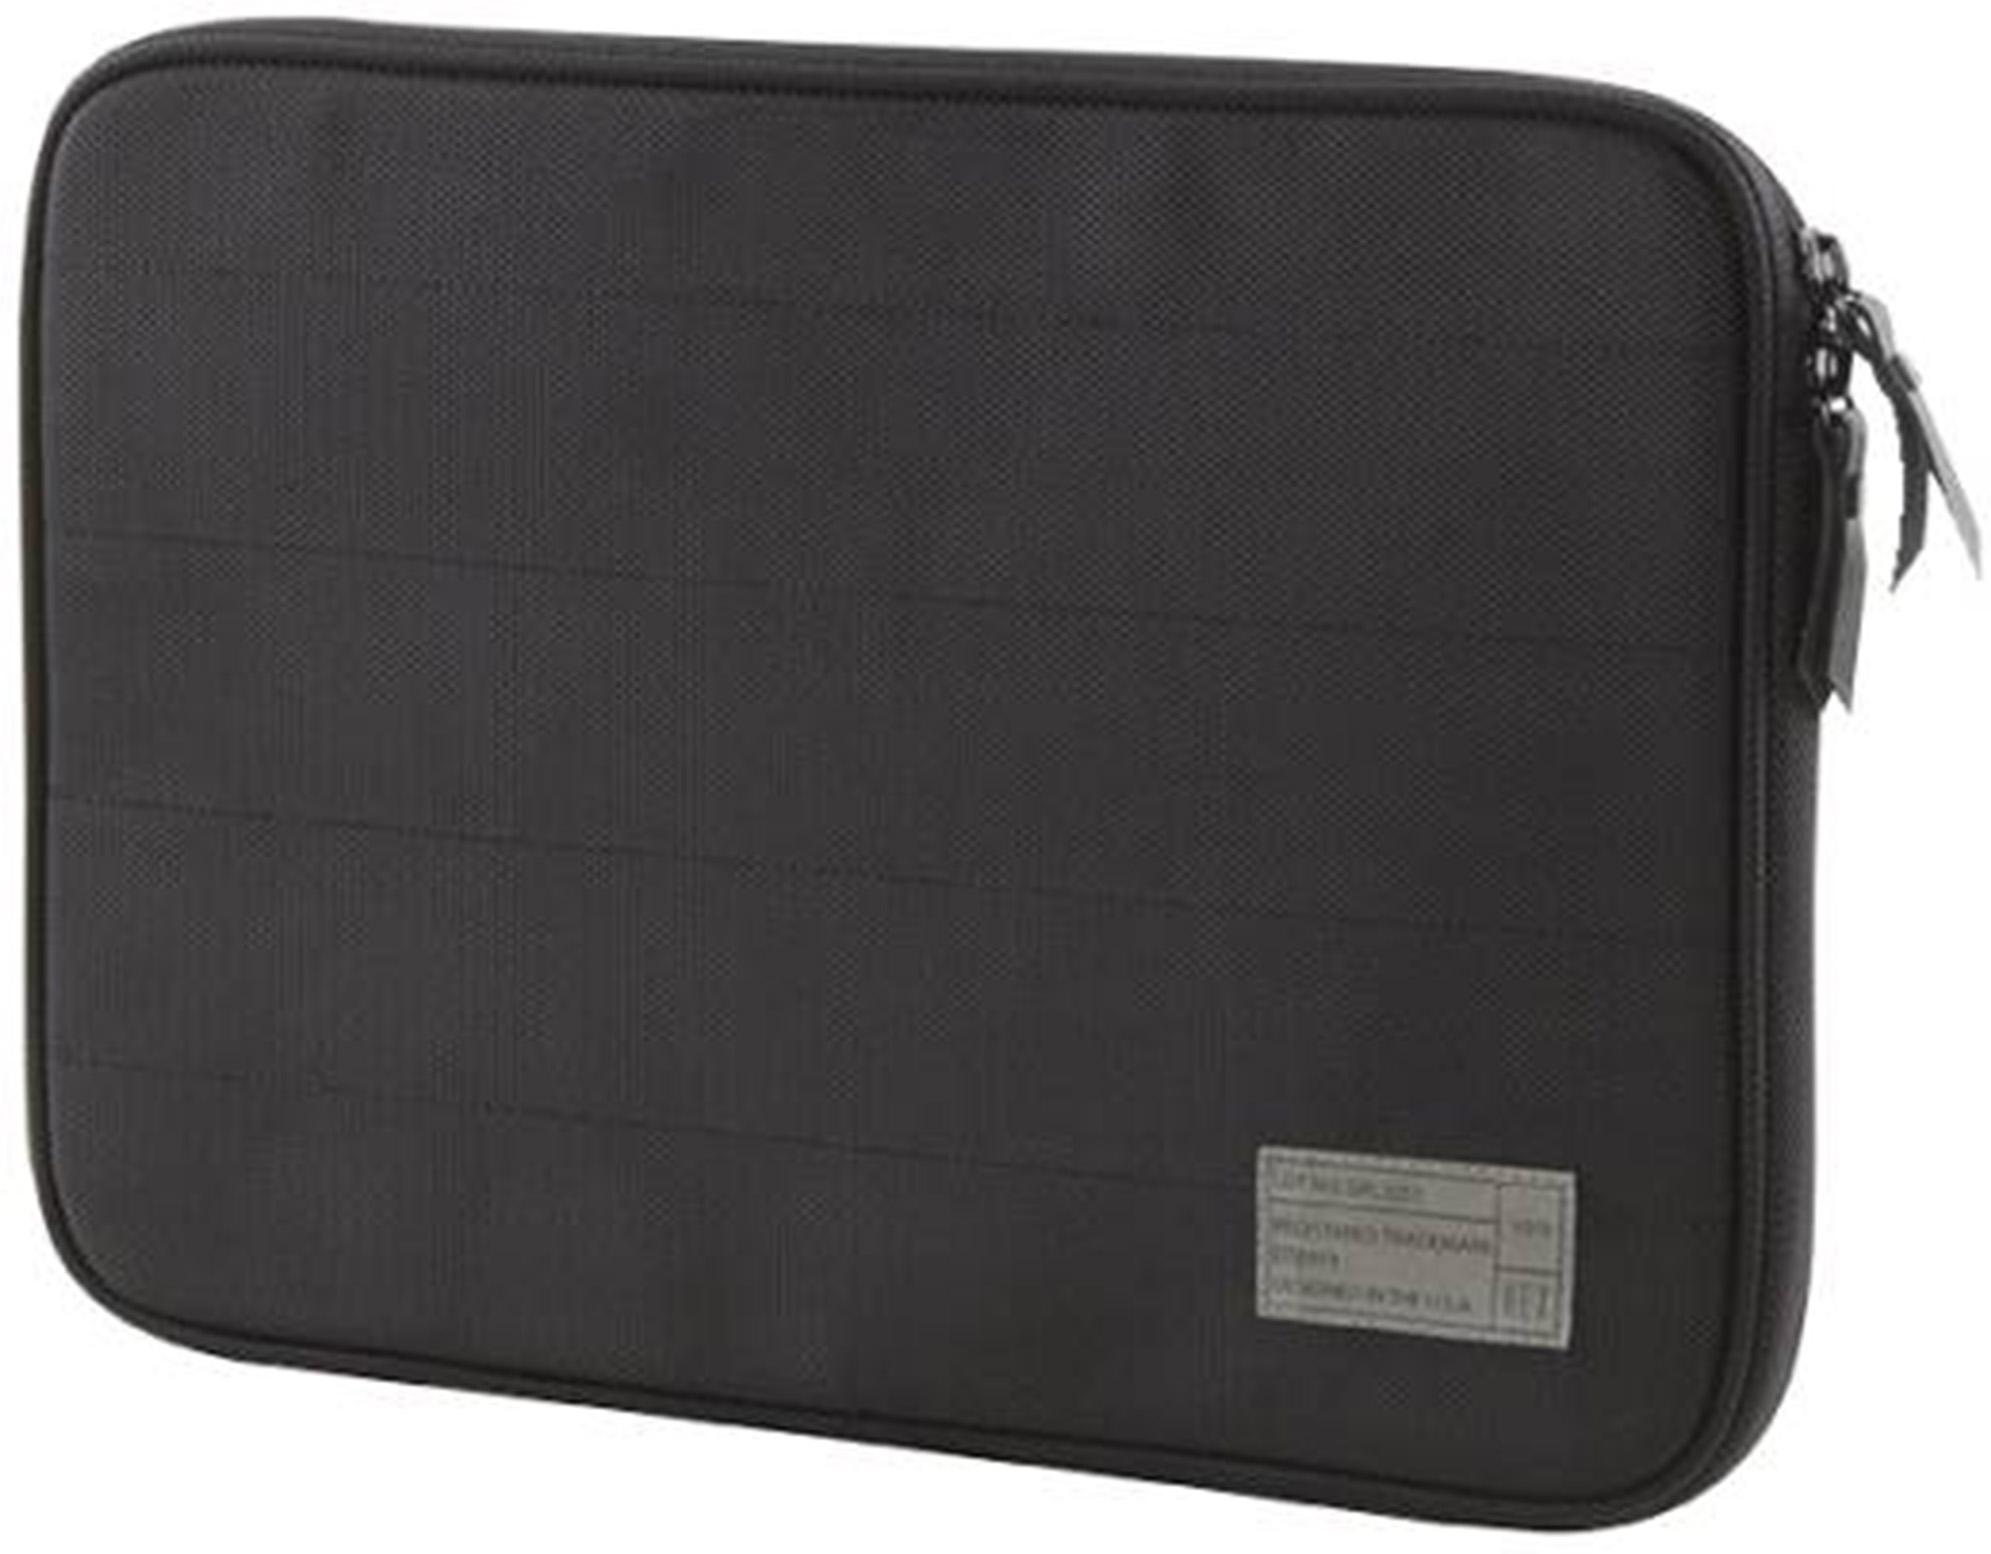 HEX Gallery 13-Inch Laptop Sleeve (Black)